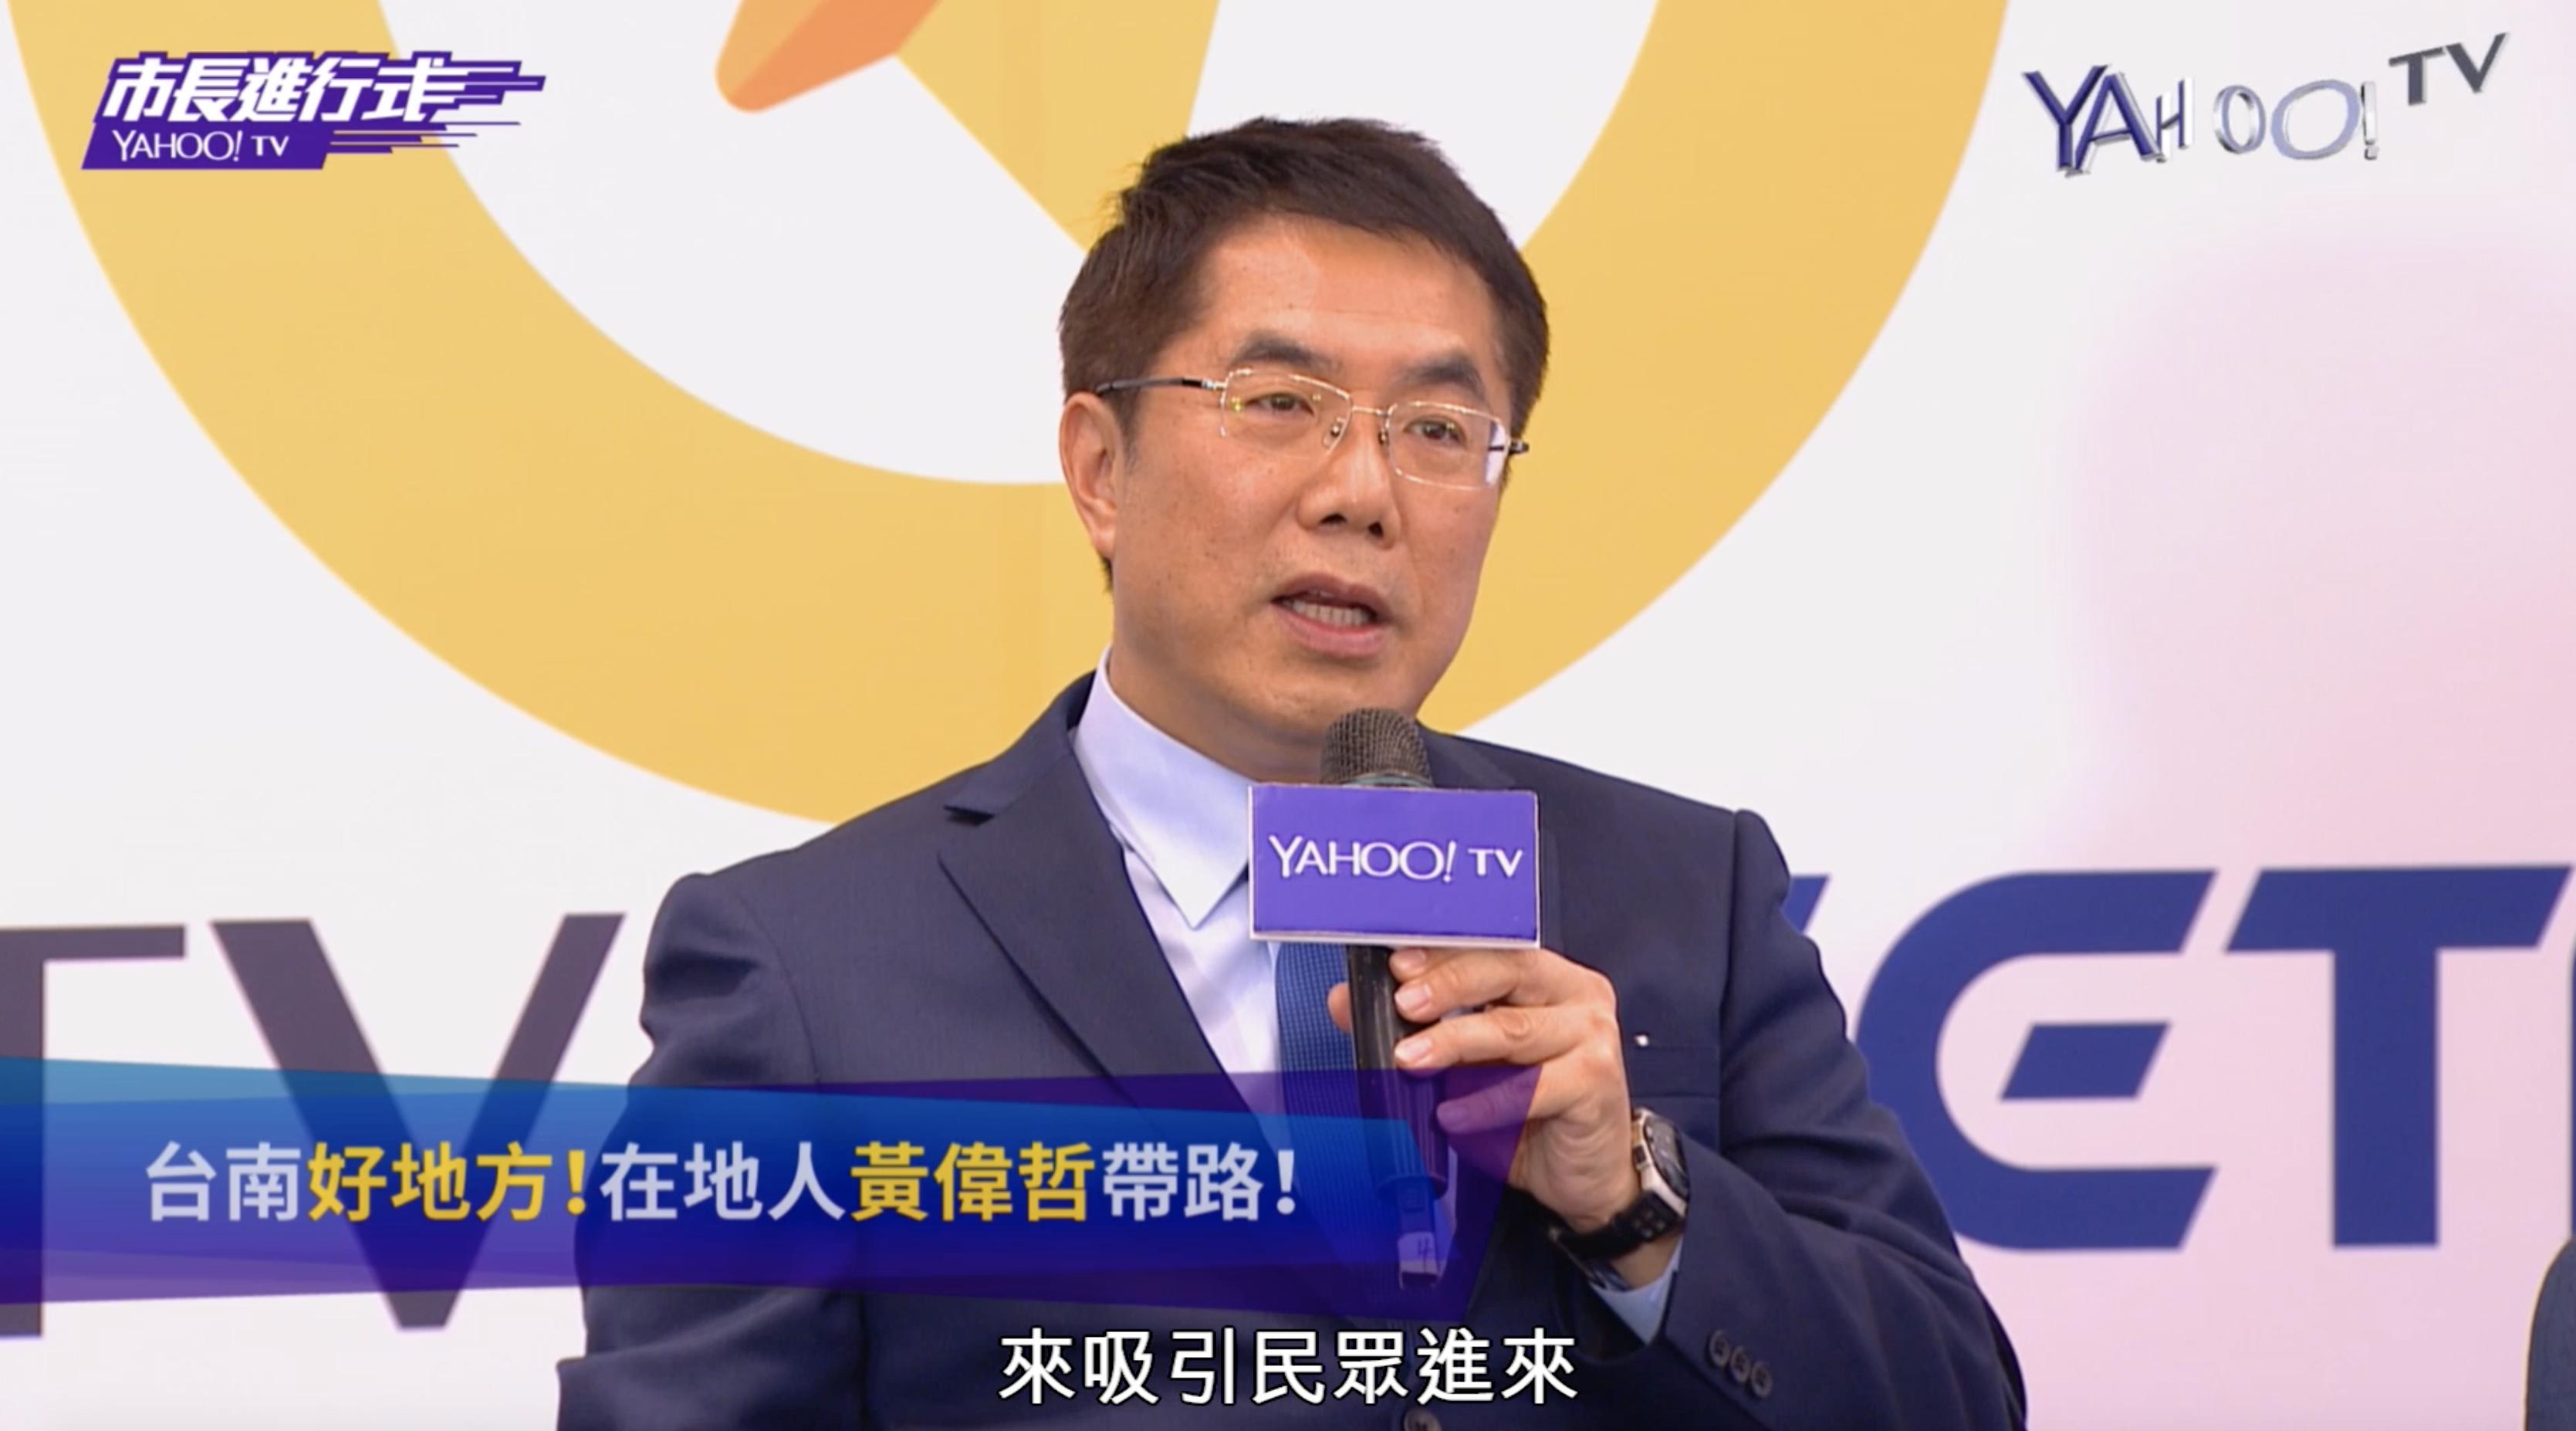 市長進行式:黃偉哲20181102 字幕完整版